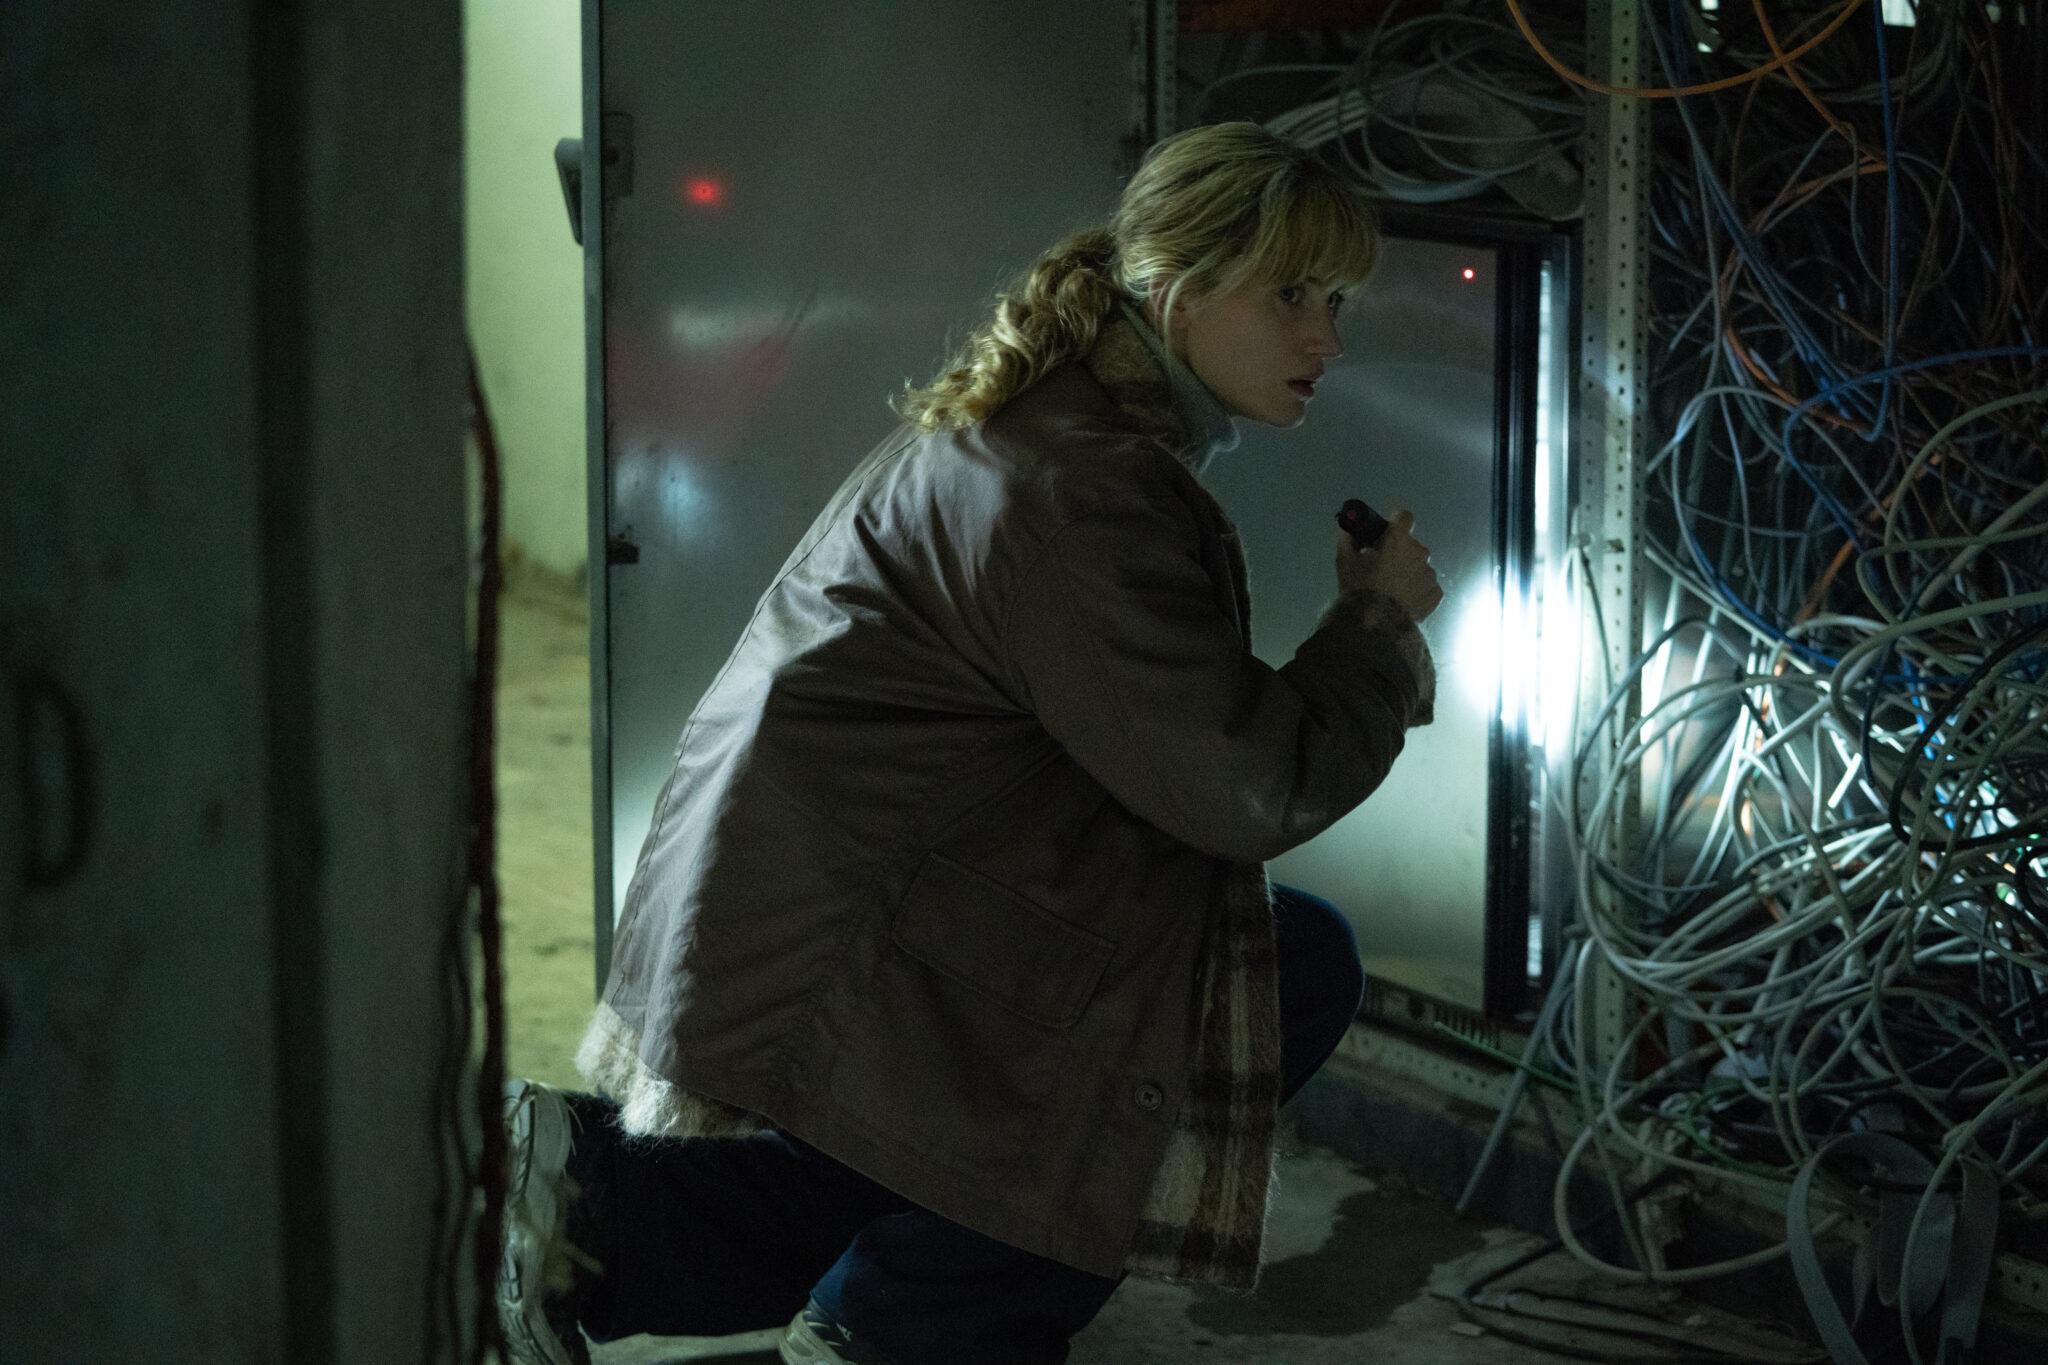 Die Ermittlerin mit Taschenlampe vor einem Stromkasten kniend, aus dem unzählige Kabel herausschauen.